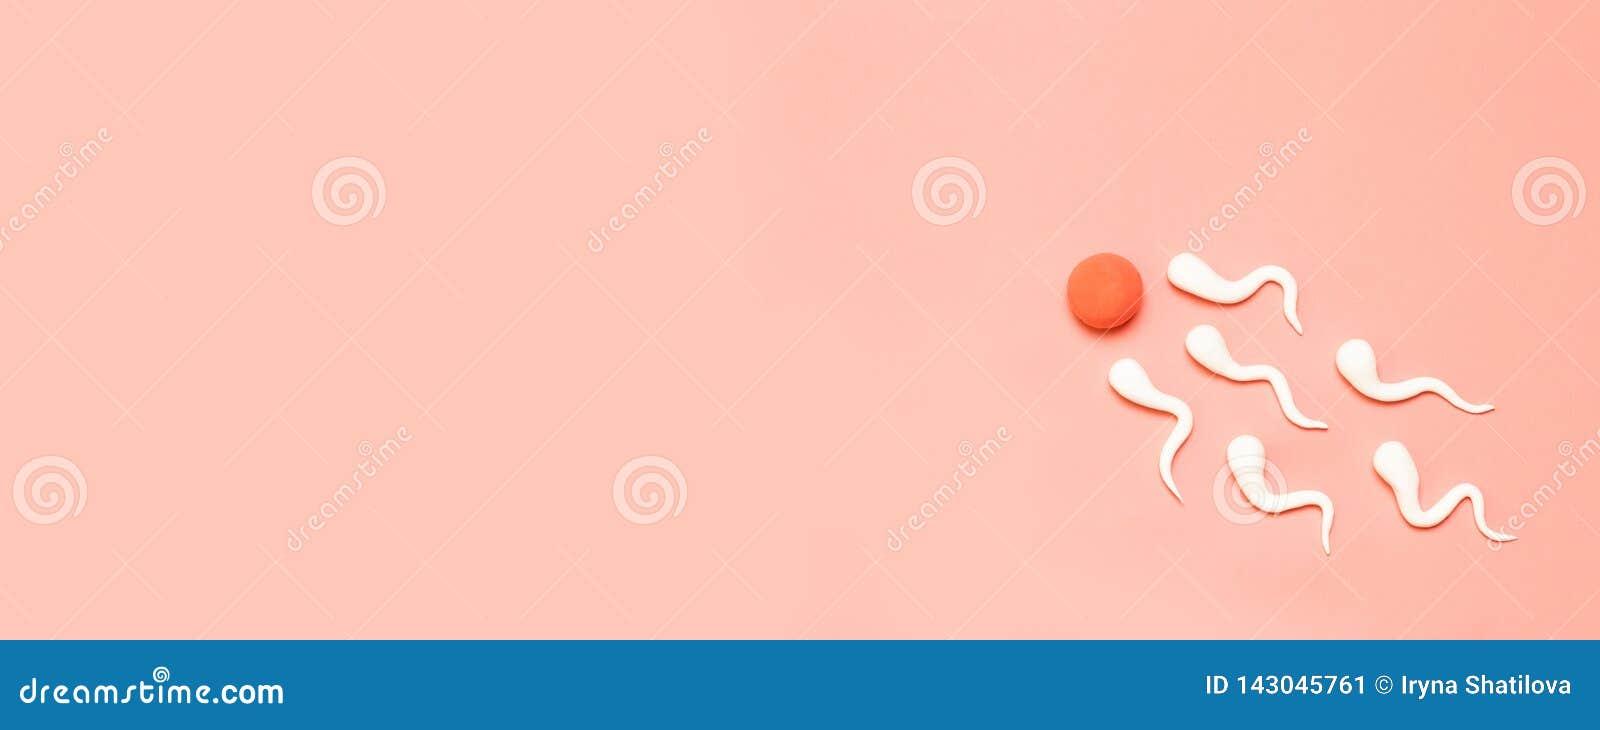 Ο αριθμός του ανθρώπινων σπέρματος και του ανθρώπινου ωαρίου